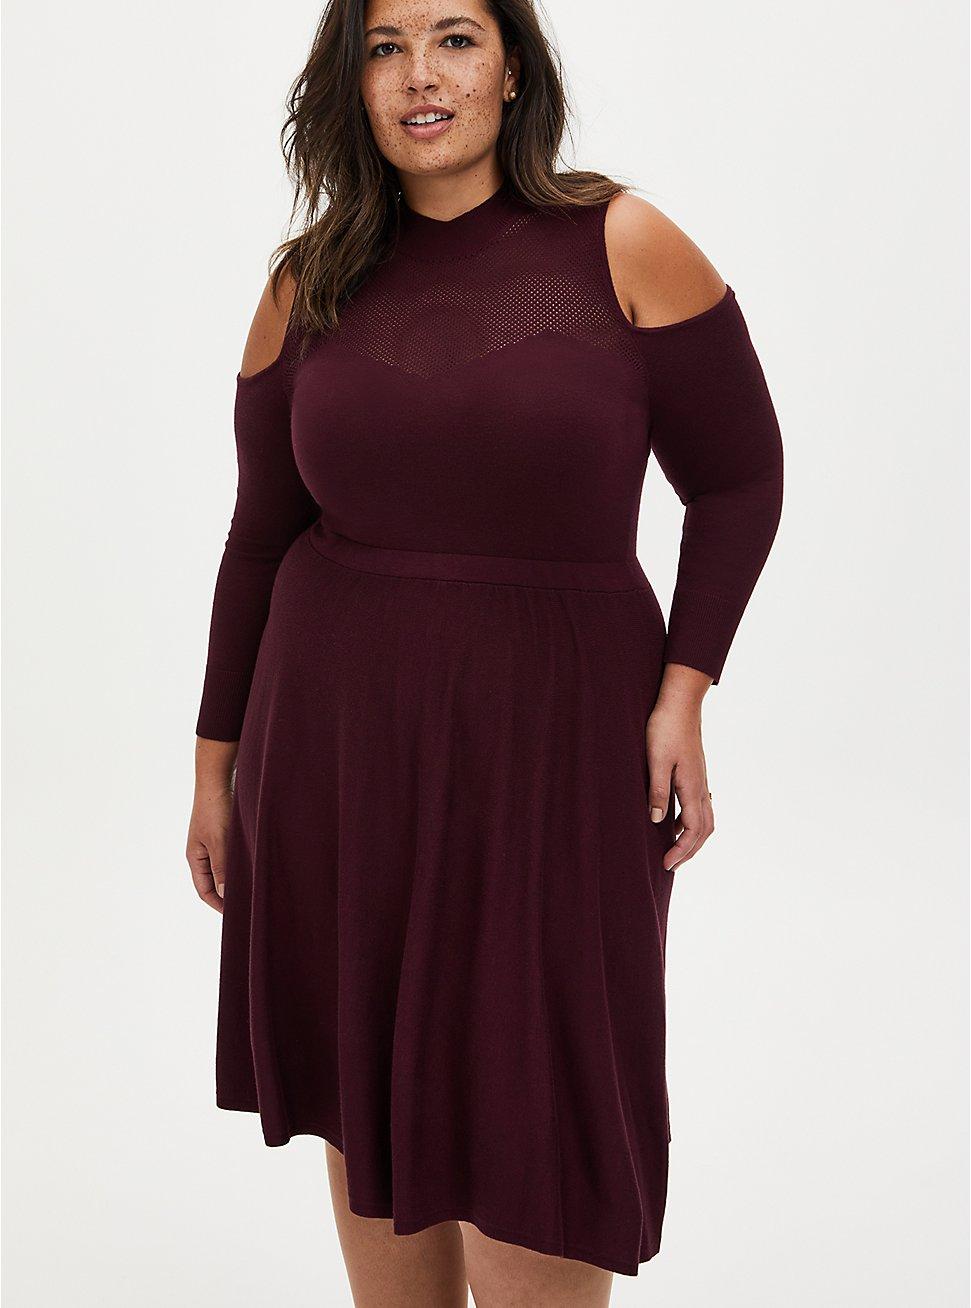 Burgundy Cold Shoulder Mock Neck Sweater Dress, WINETASTING, hi-res